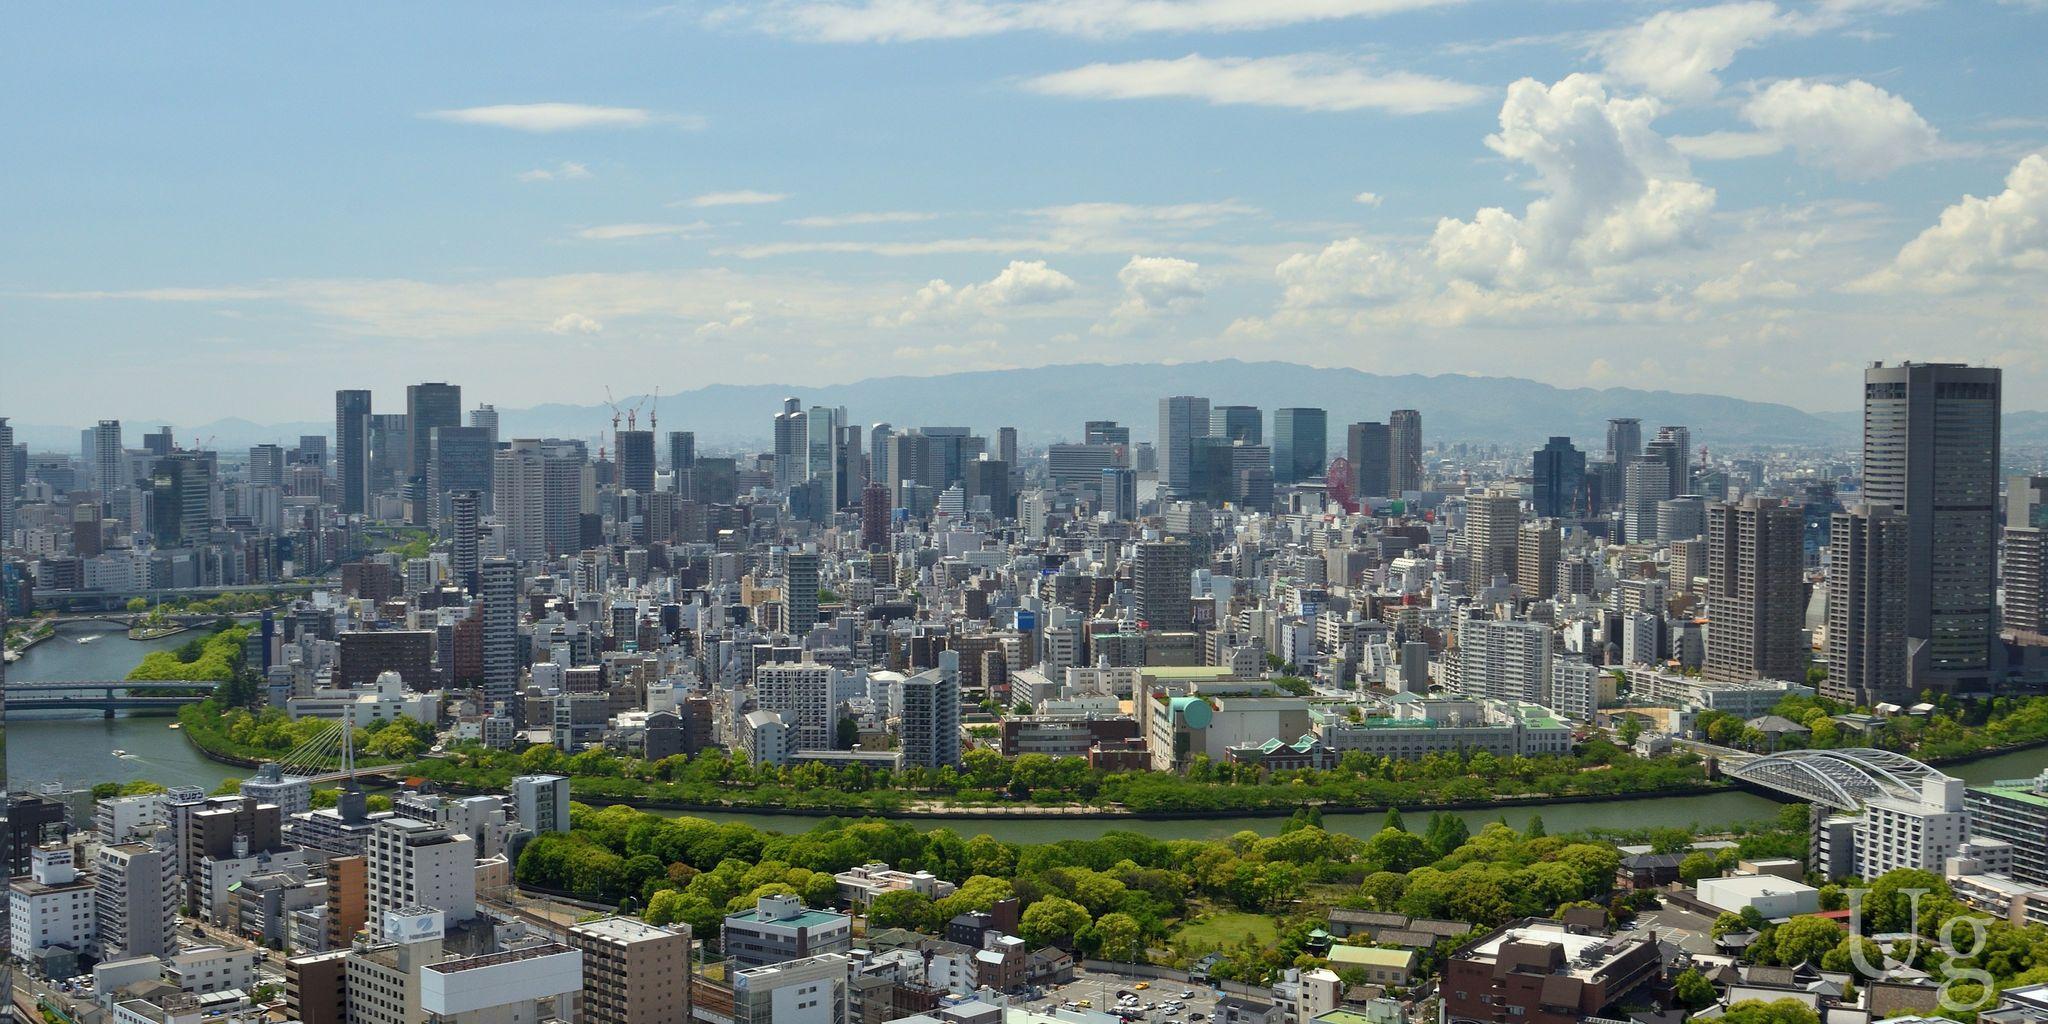 大阪市、ヘイト認定判断せず「条例の対象外」で…ネット上の公開動画や投稿